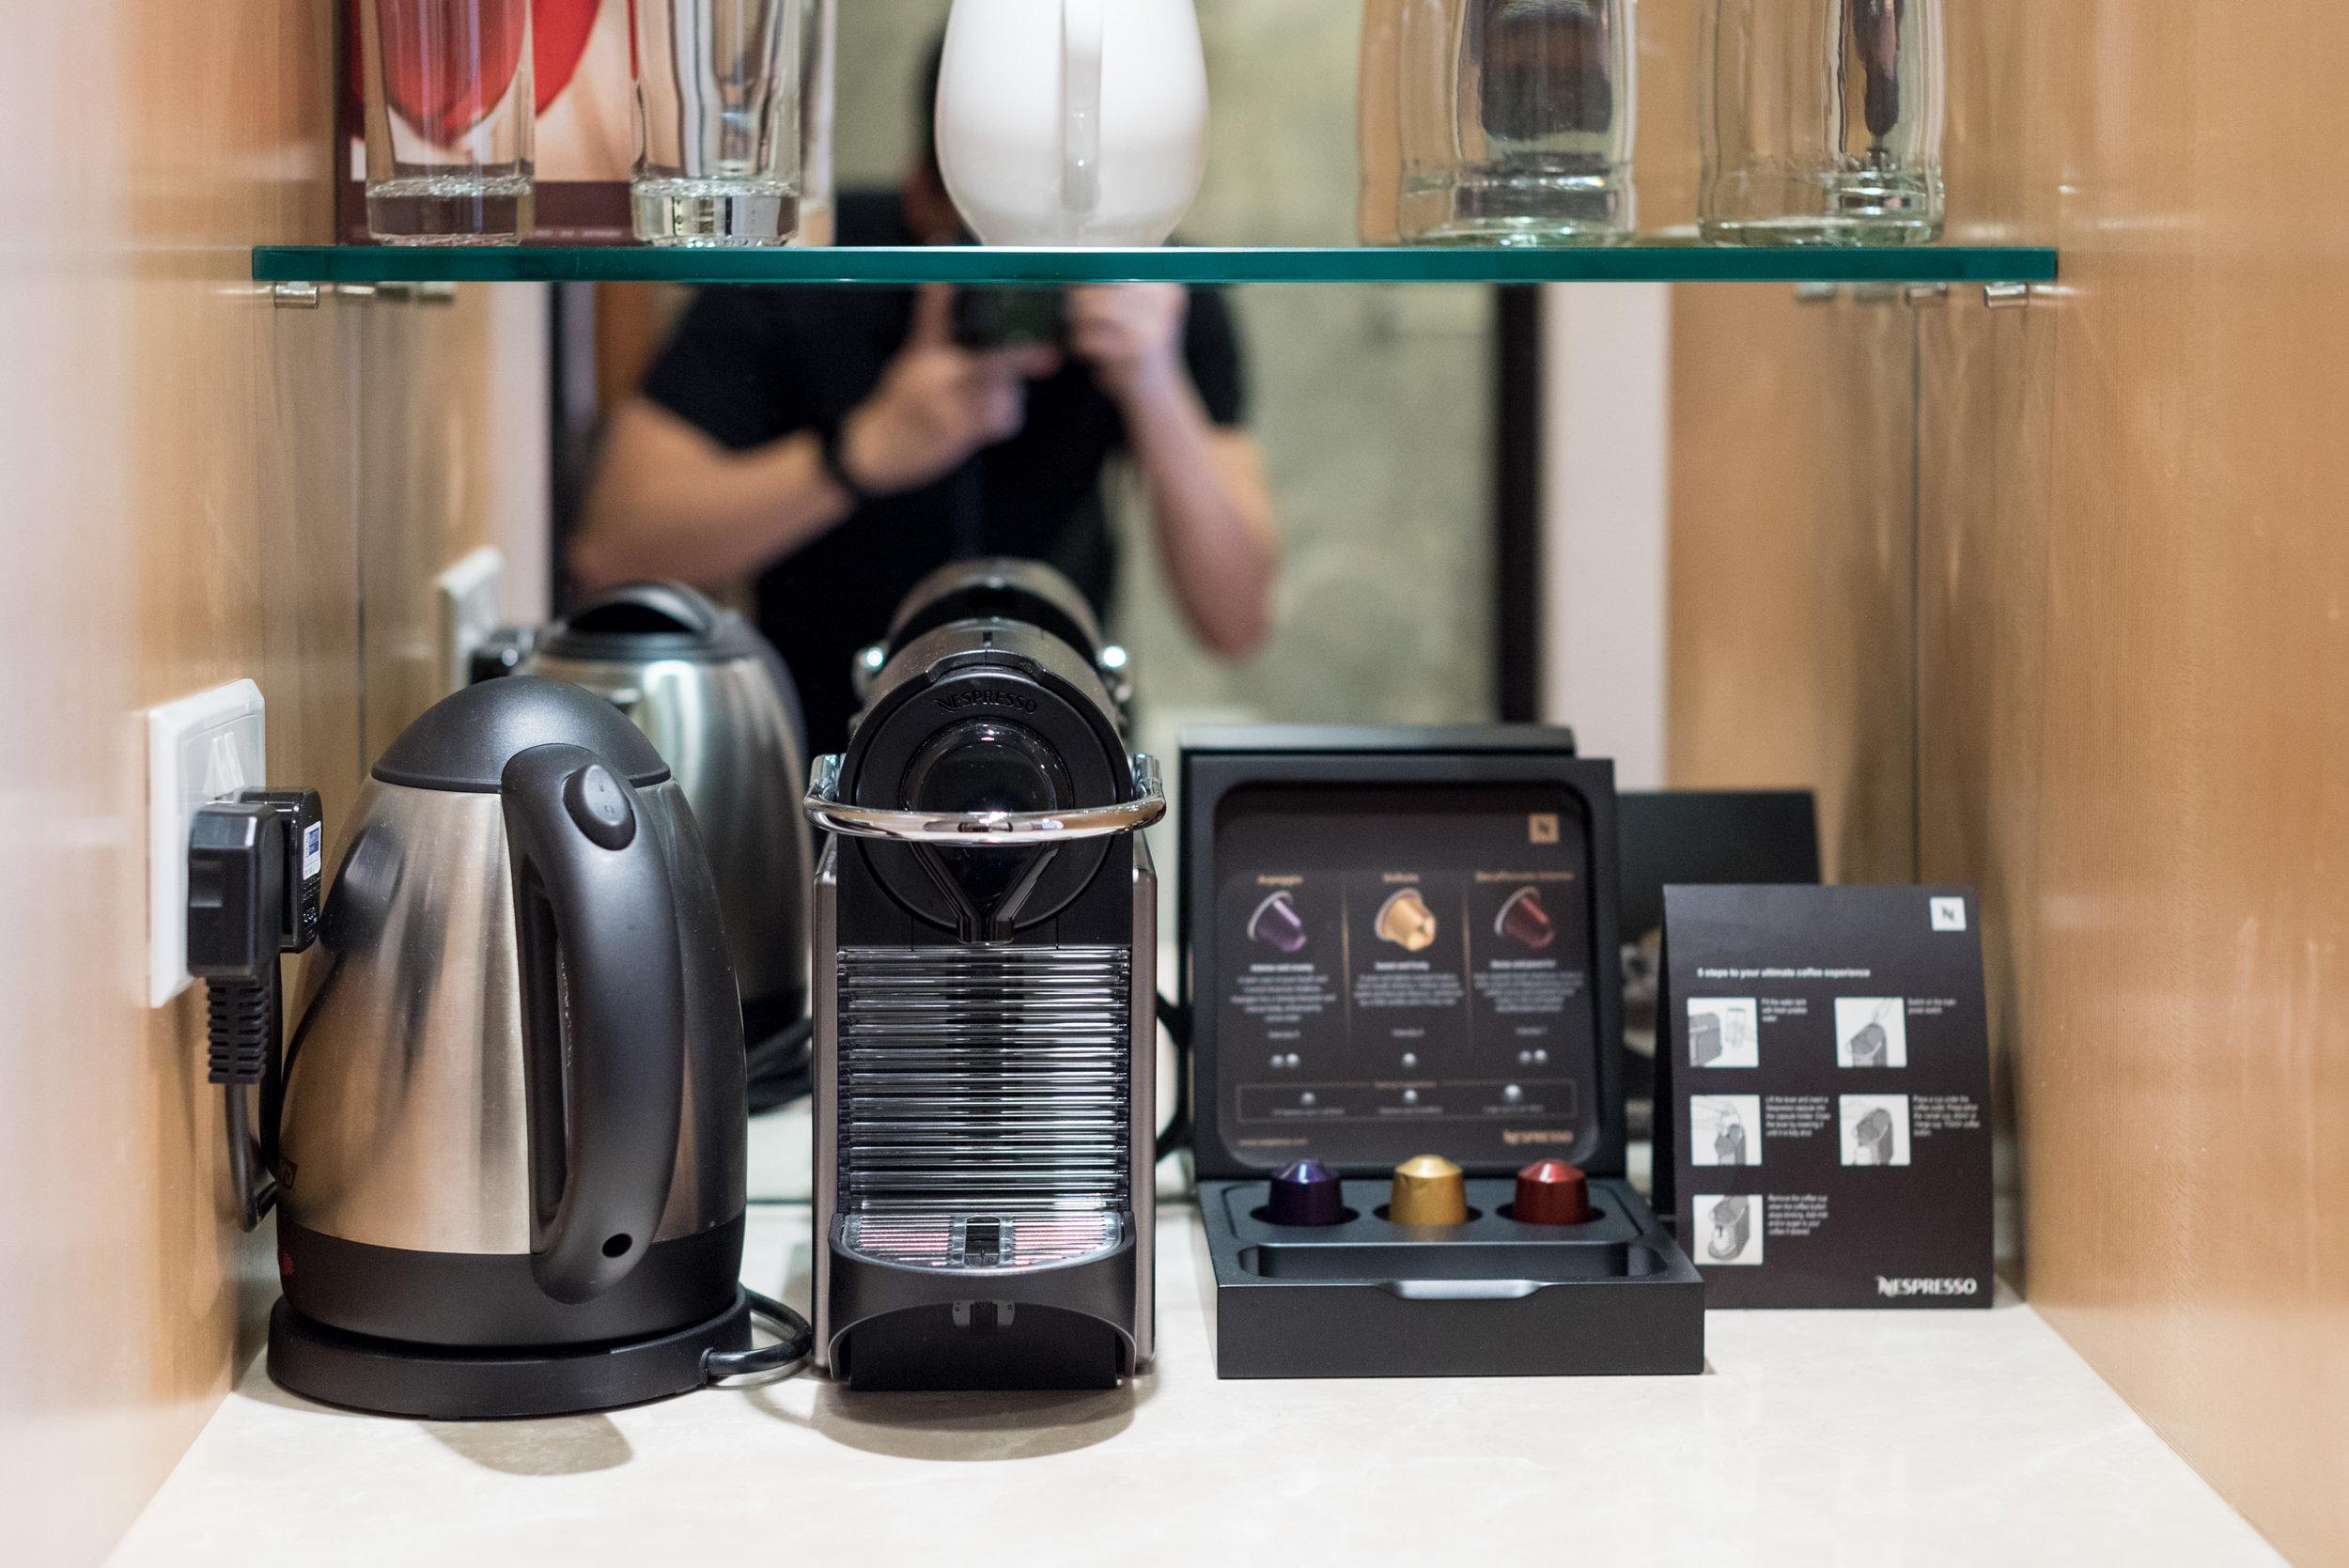 Nespresso Coffee Machine  Executive Room - Hilton Singapore